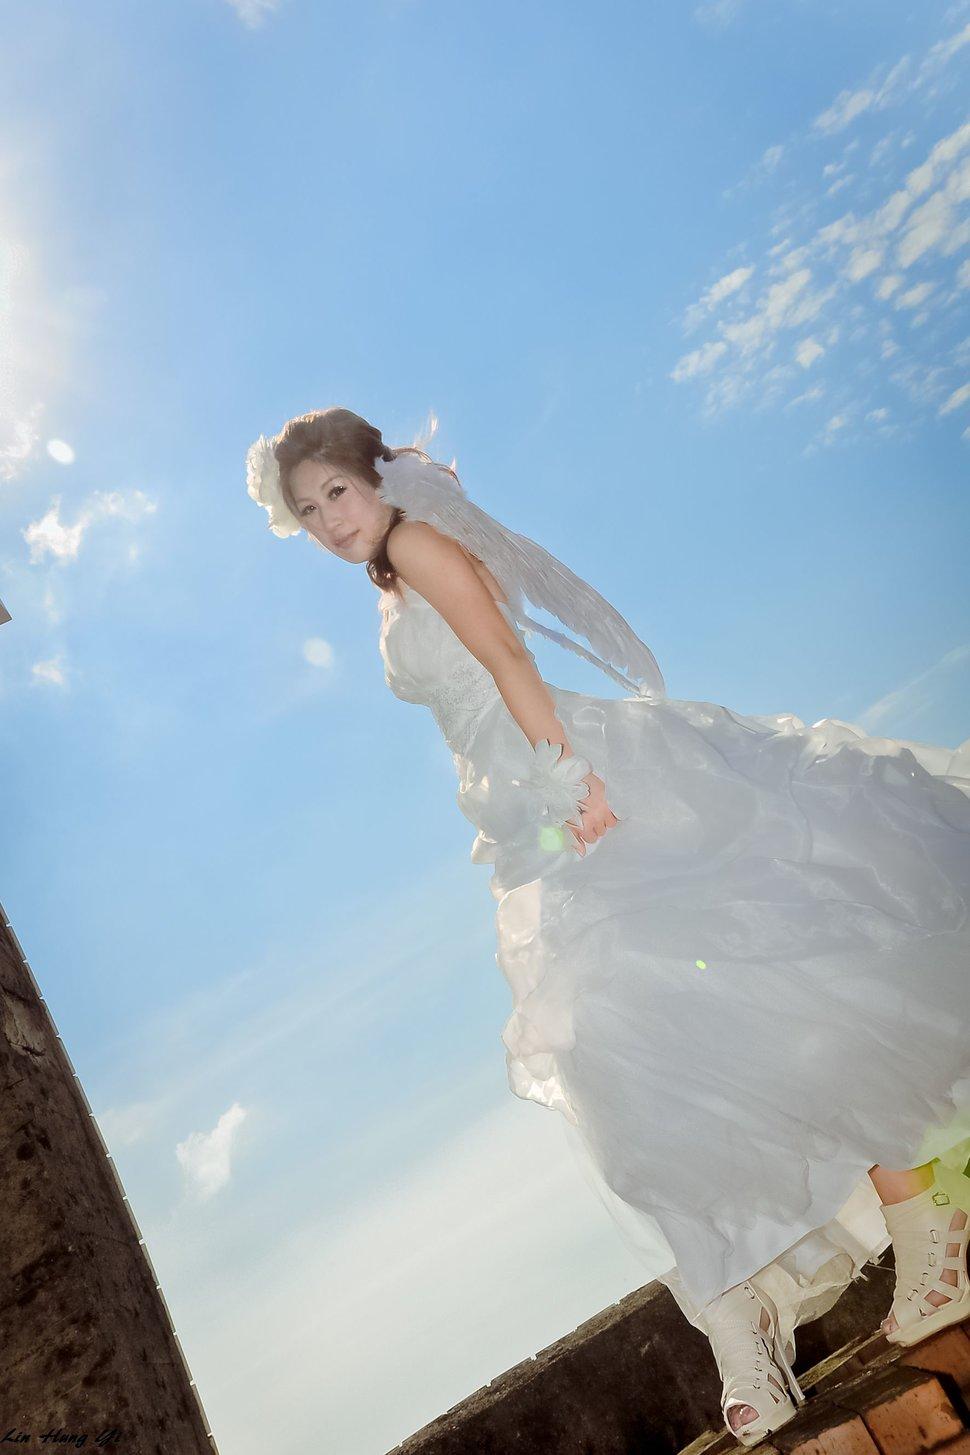 dsc_0827-1_38356483376_o - 小林哥Hung YI攝影工作室《結婚吧》